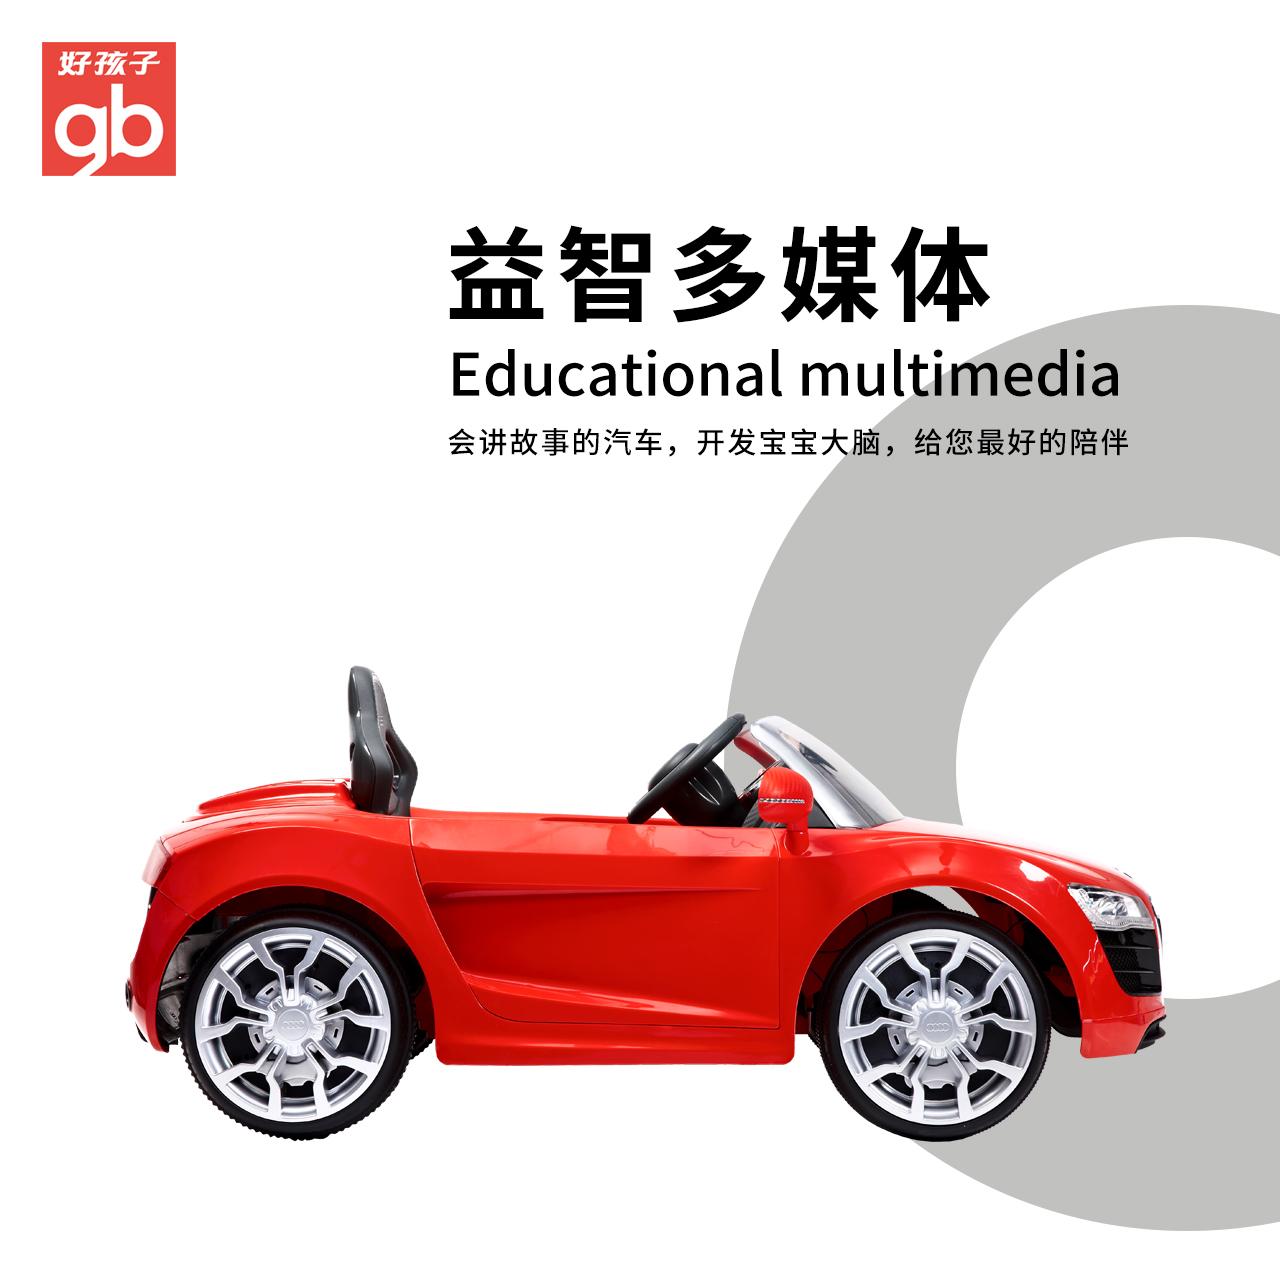 gb好孩子奥迪儿童电动车双驱四轮男女遥控车可坐人宝宝汽车W499QG